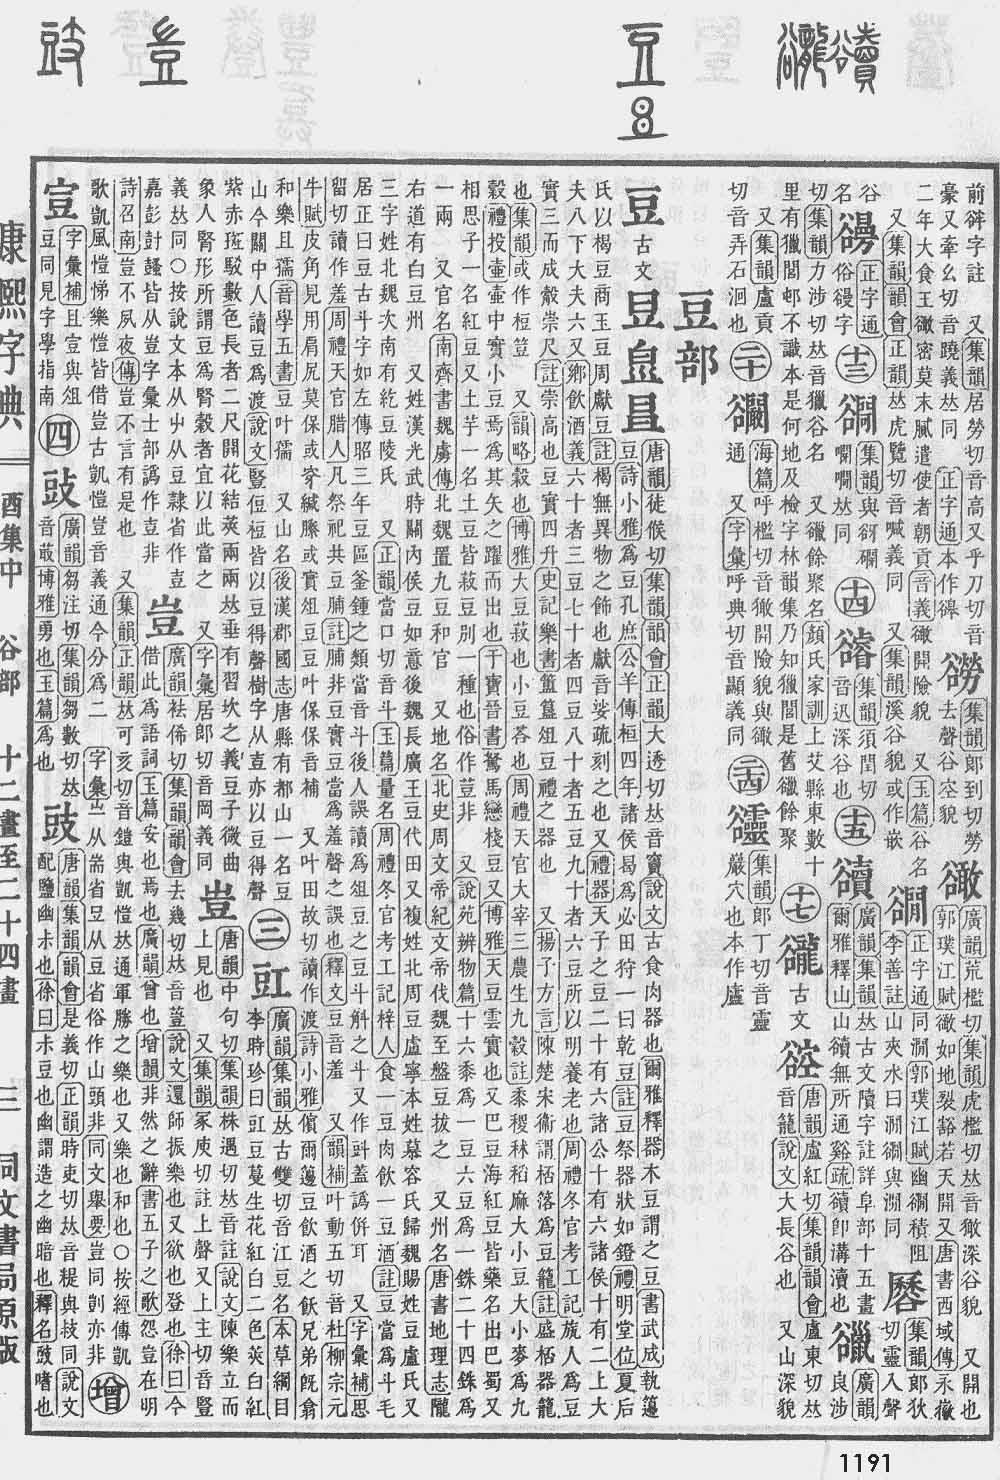 《康熙字典》第1191页